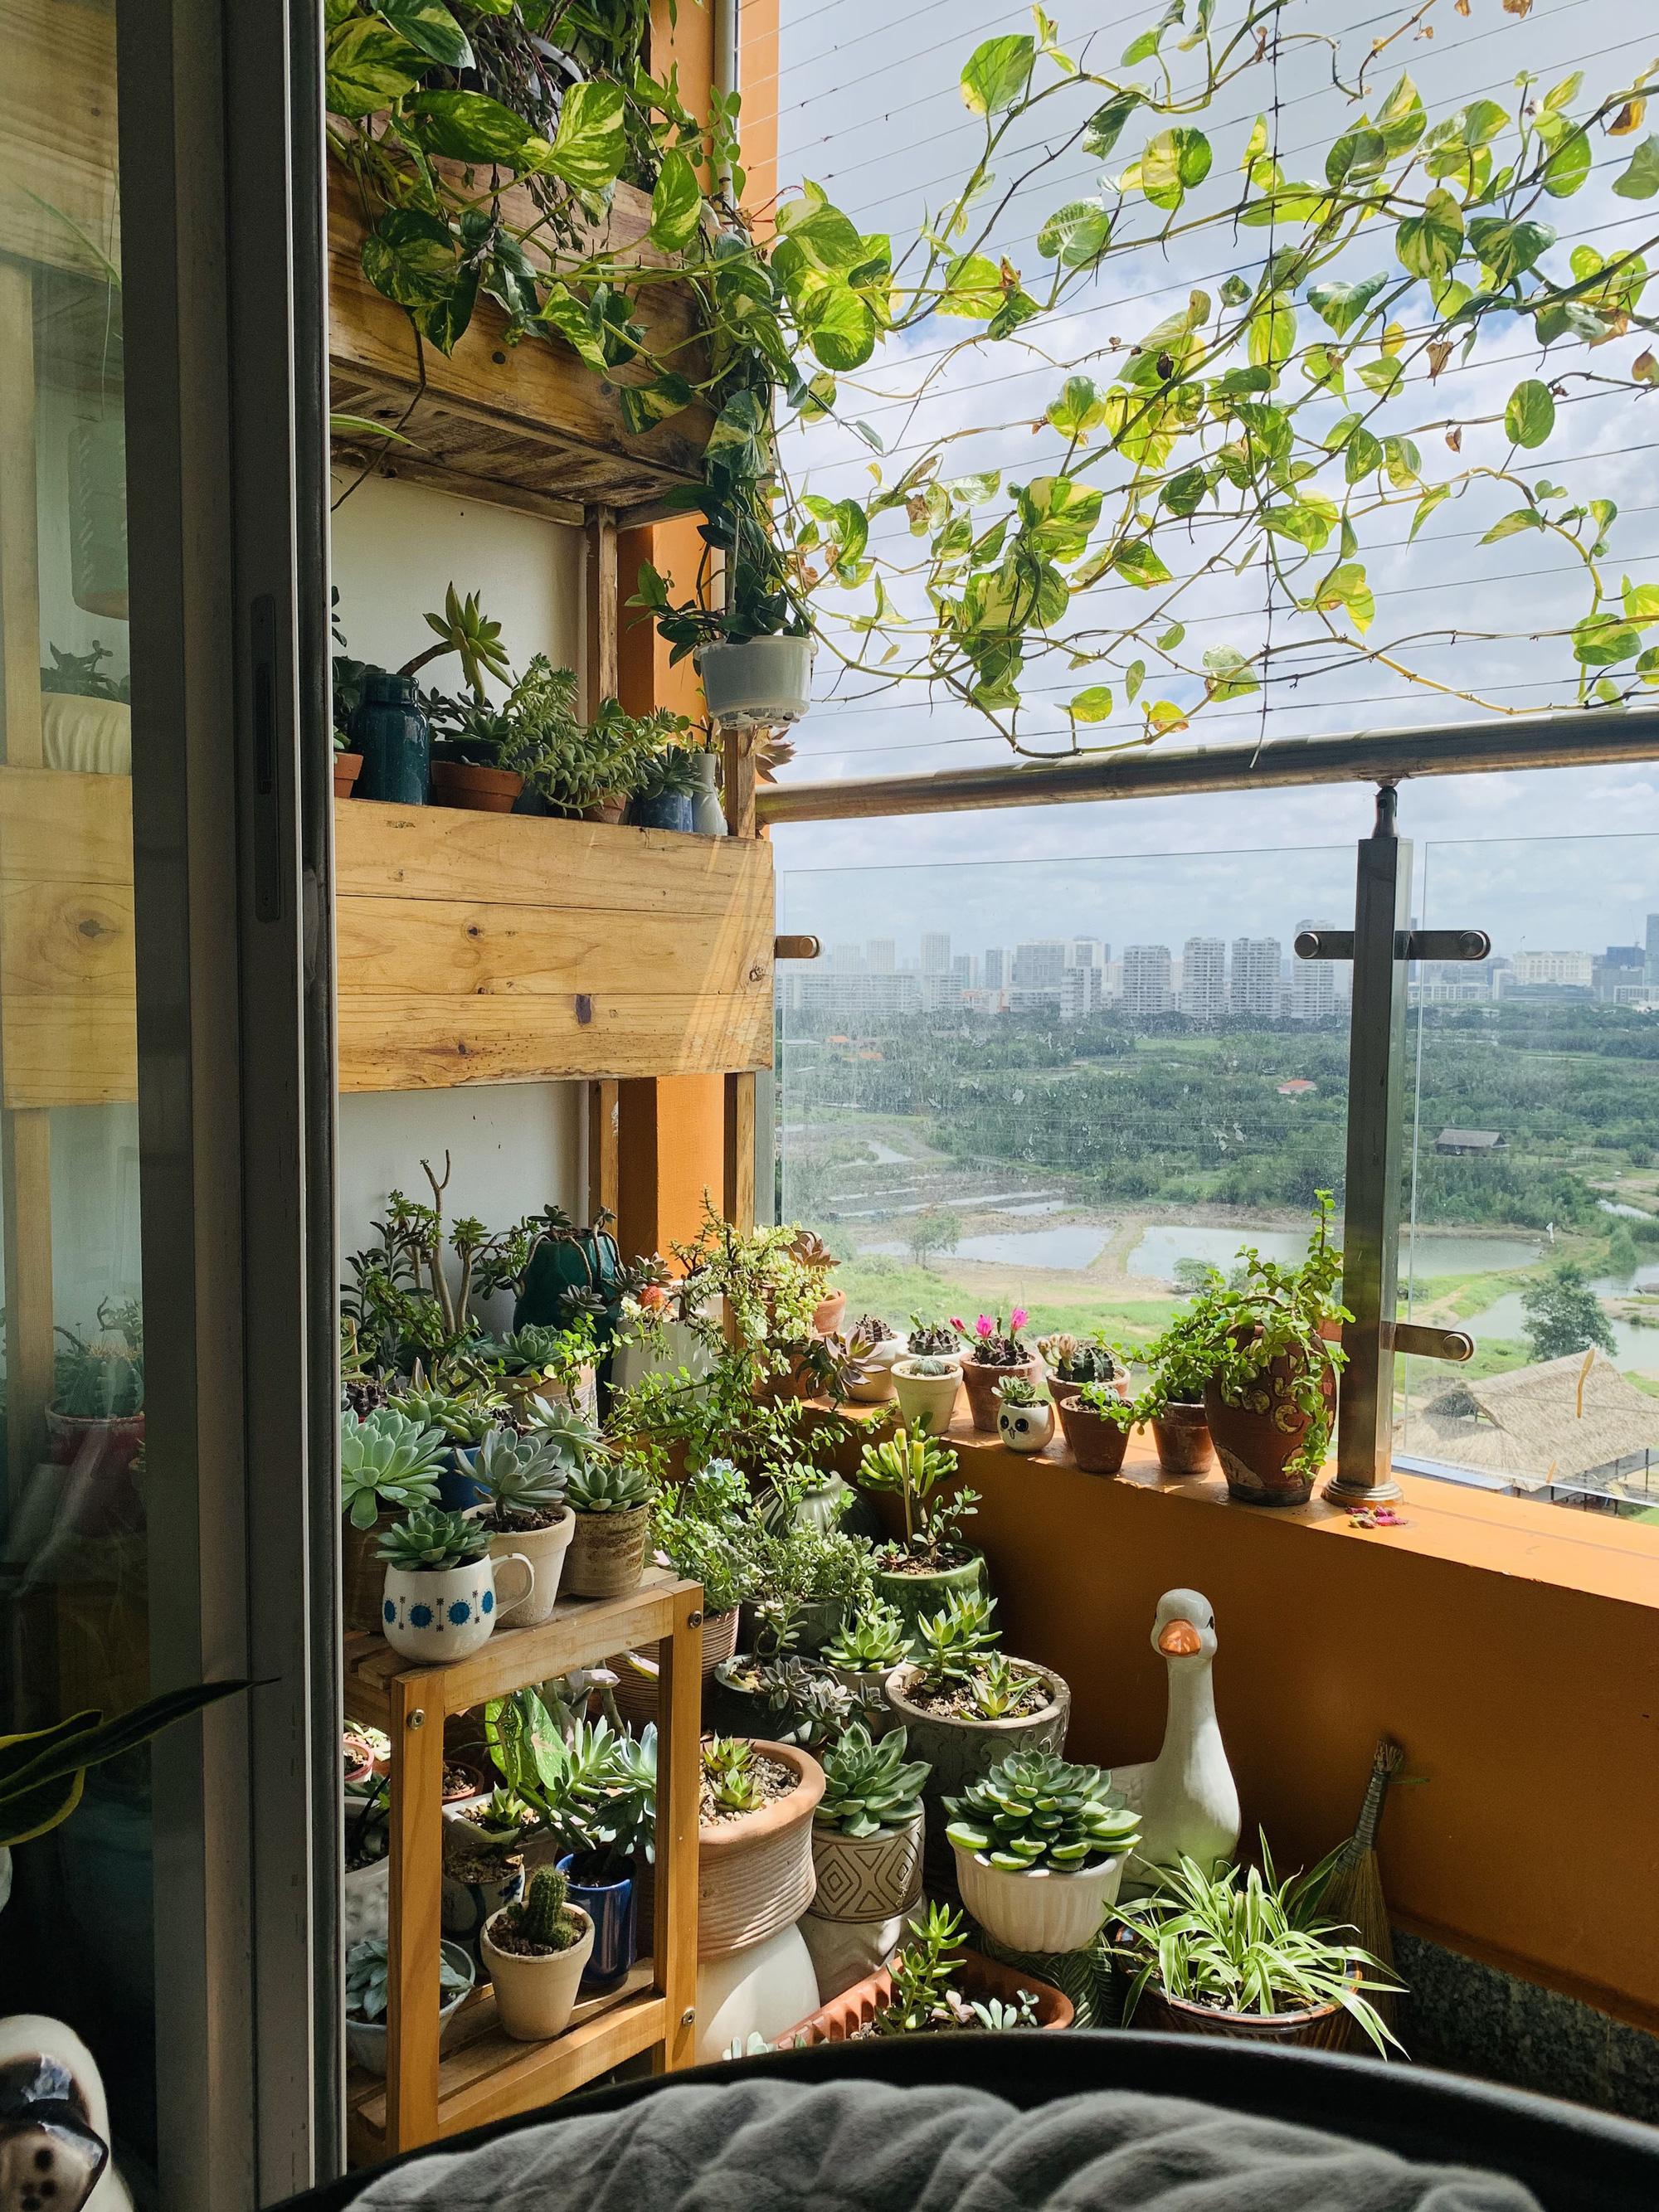 Vườn sen đá ở ban công 3 m2 - Ảnh 1.